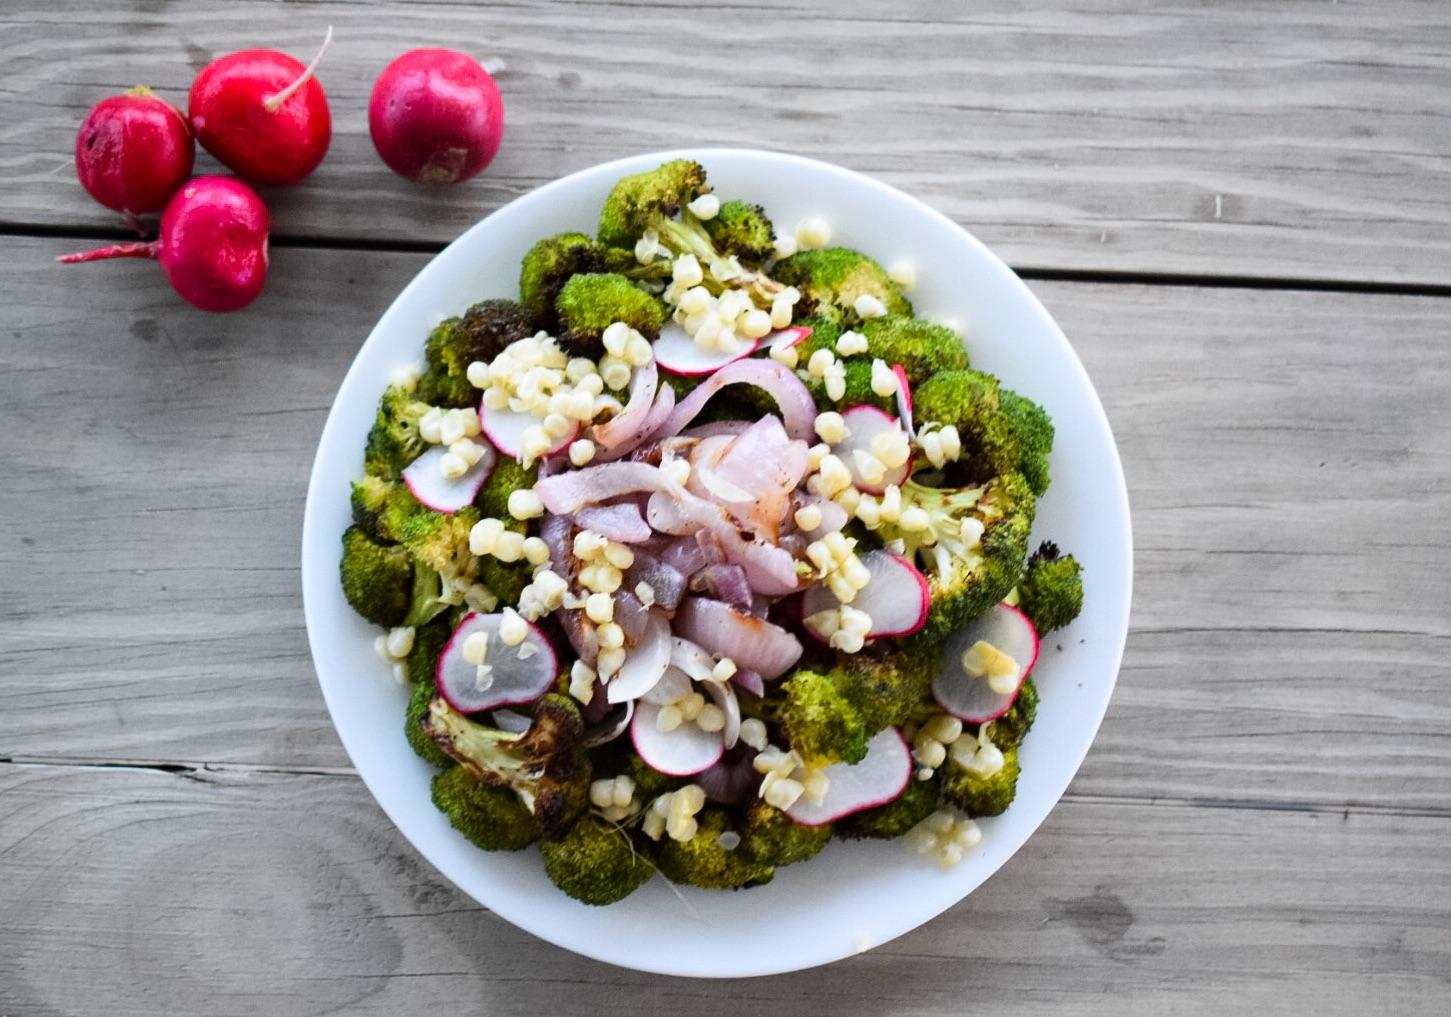 Photo of finished grilled broccoli radish salad